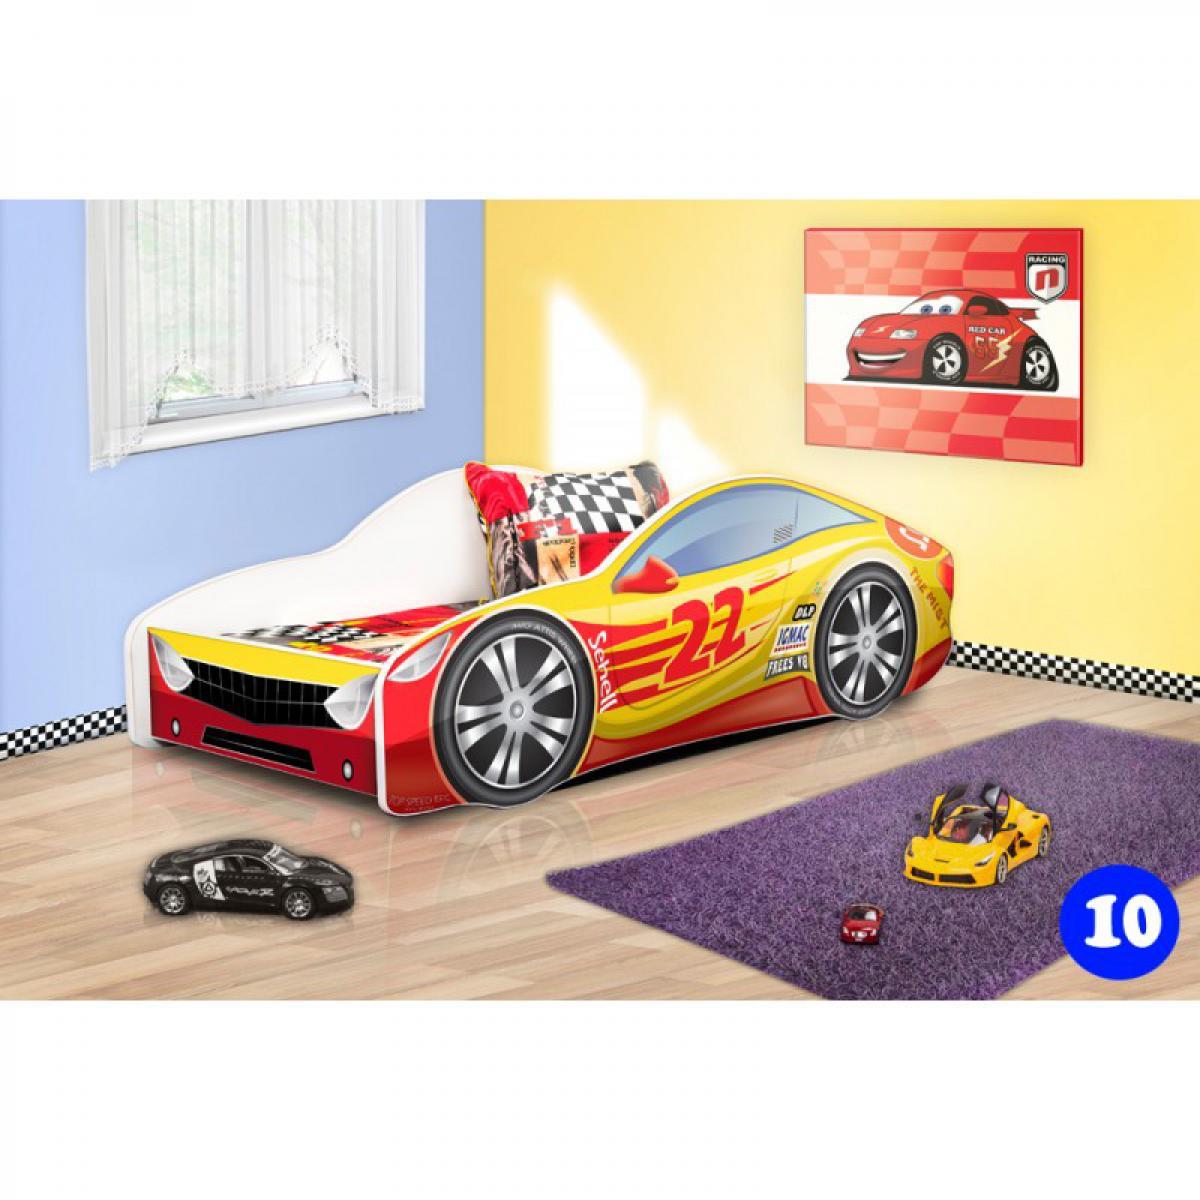 Bim Furniture Lit Voiture Enfant 140x70 cm Rouge et Jaune 22 avec sommier et matelas